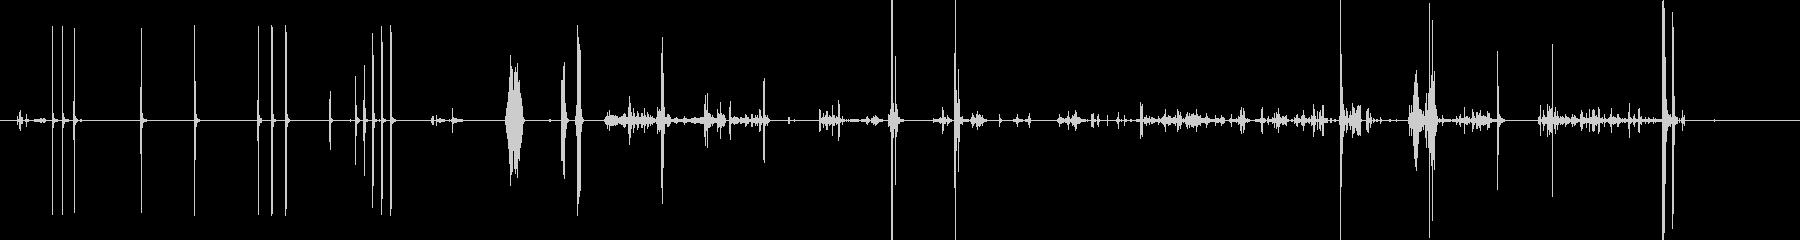 モノラル、タップ、吹くと動きでマイ...の未再生の波形